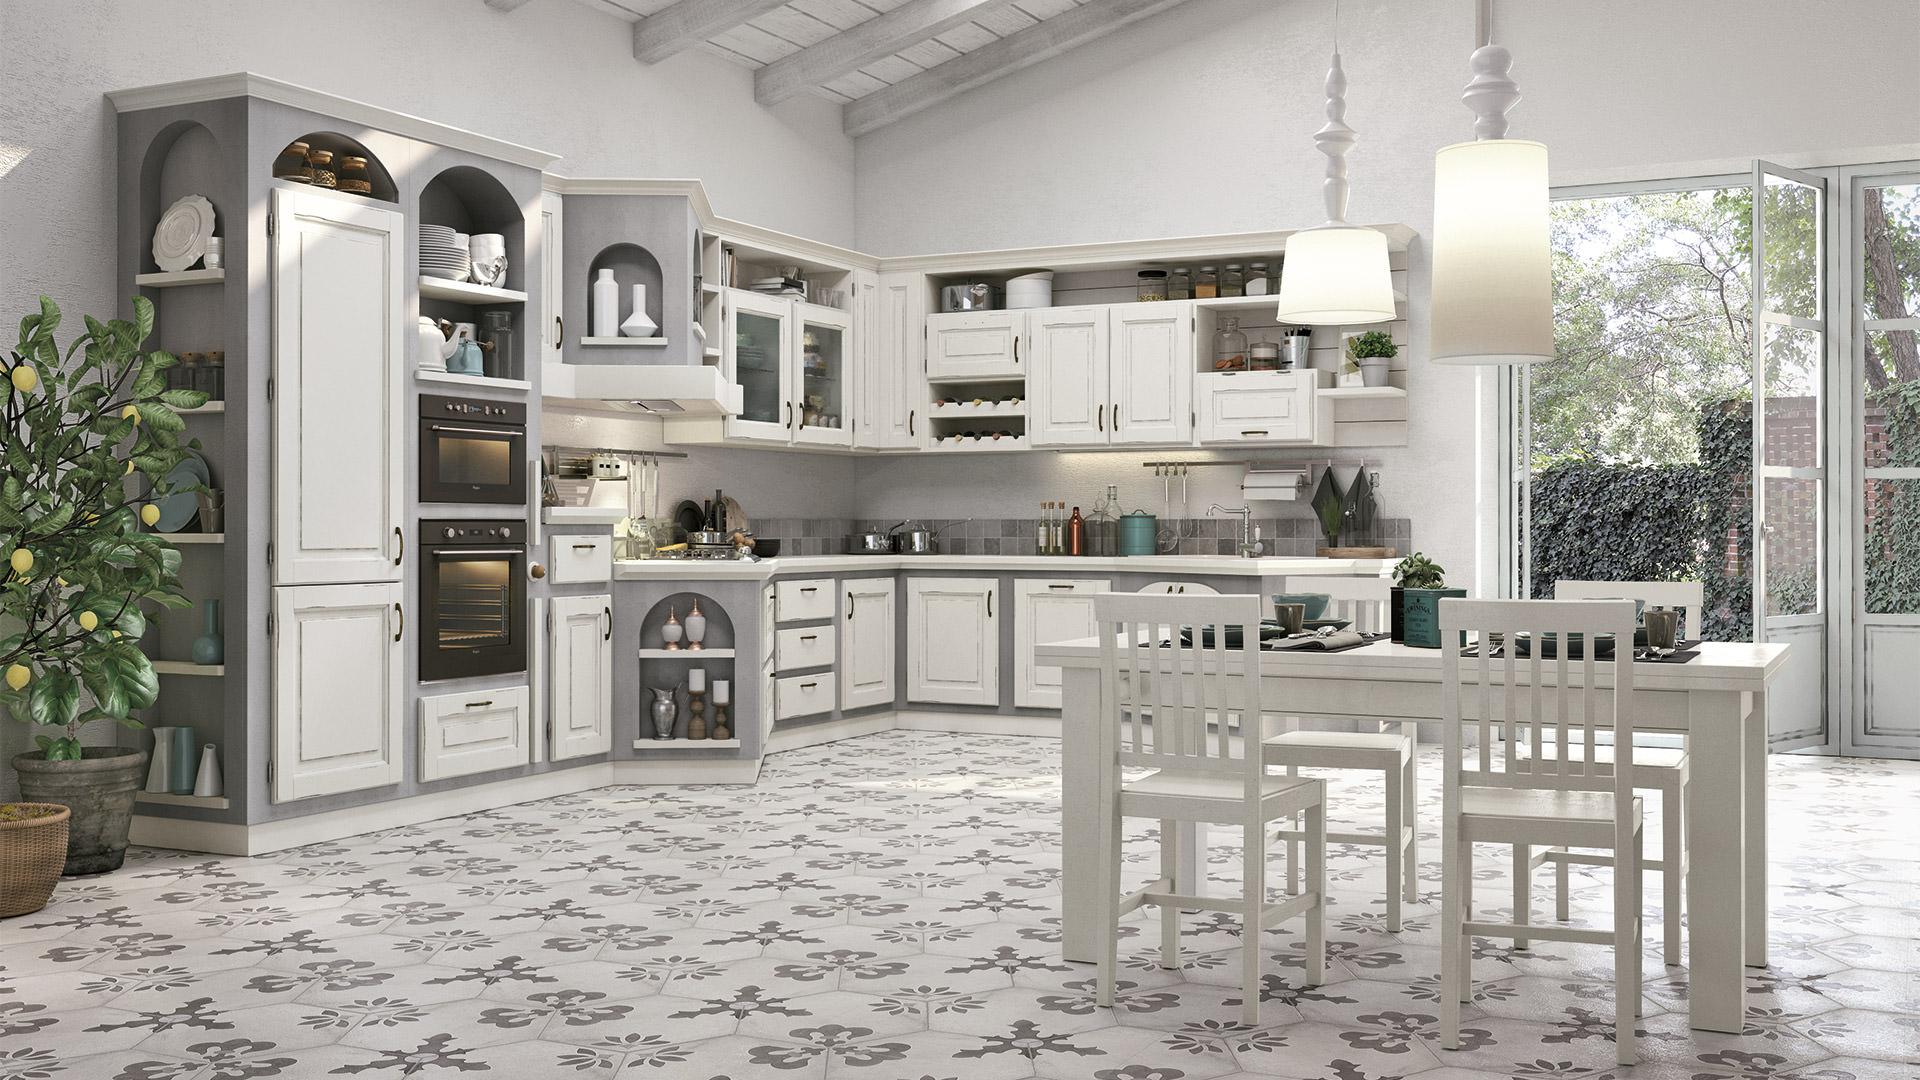 Cucina lube classica contemporanea onelia 10 rafaschieri - Cucina classica contemporanea ...